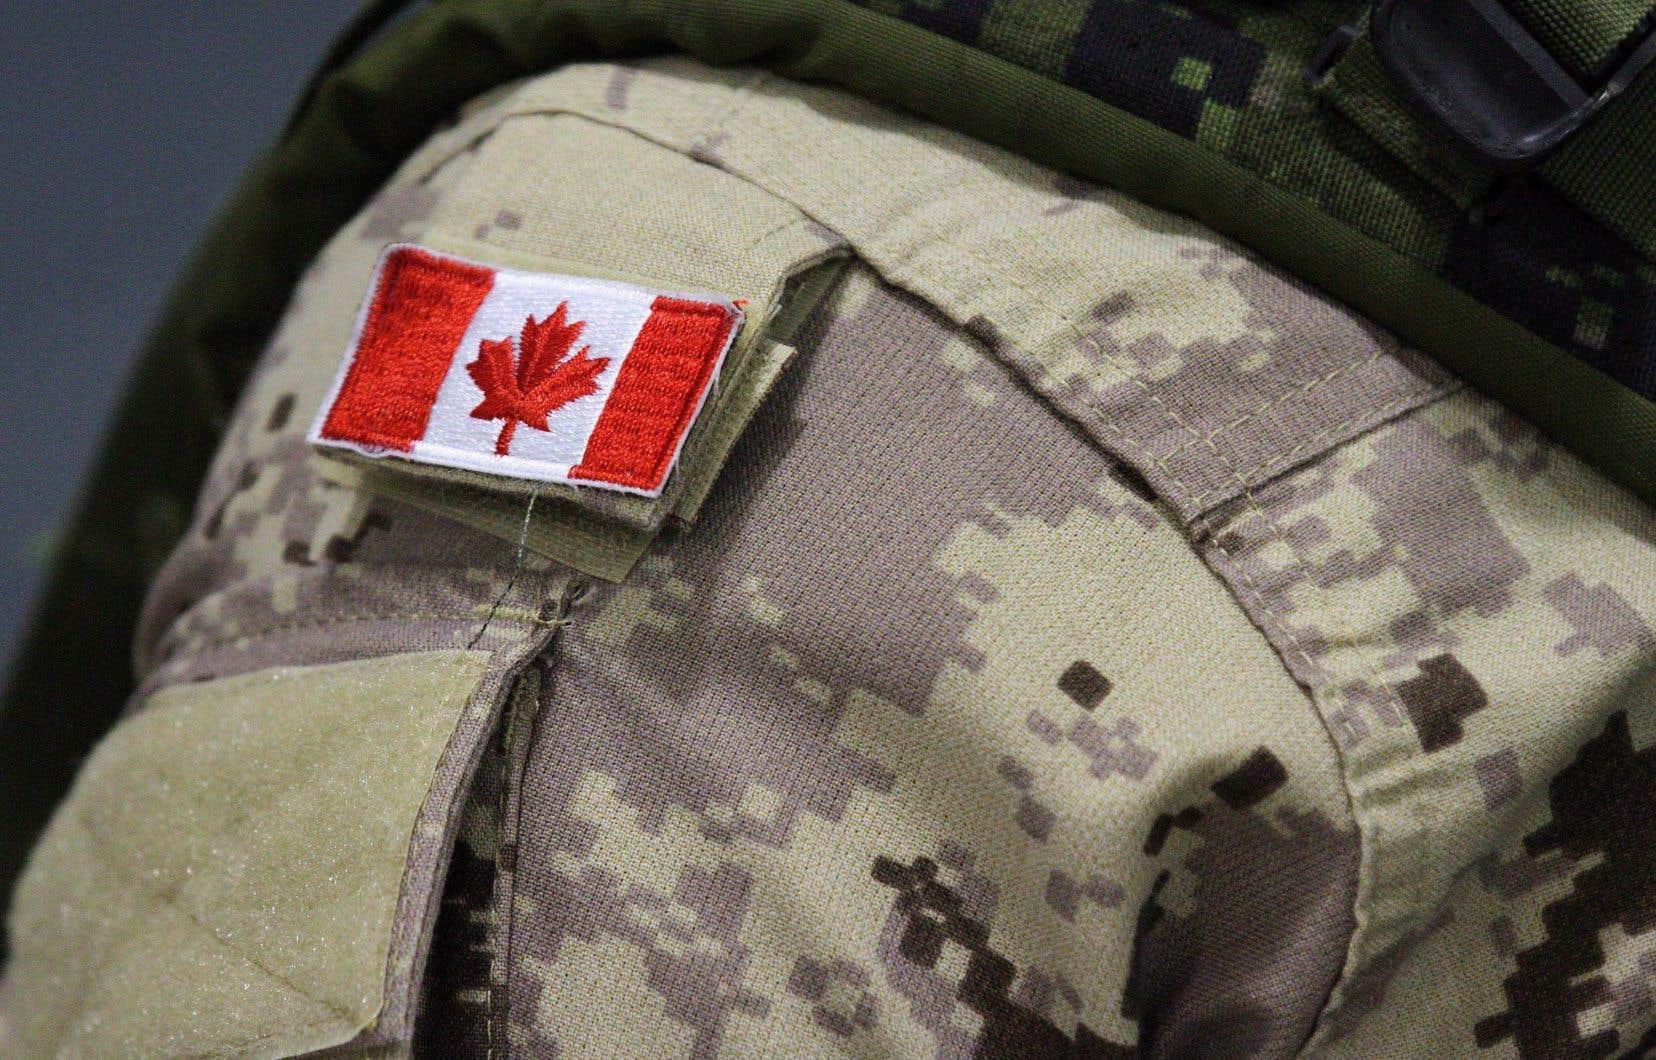 <p>Cette décision constitue le plus récent effort pour moderniser les Forces armées canadiennes après l'assouplissement récent des restrictions sur les barbes, les bottes et sur la consommation de marijuana.</p>